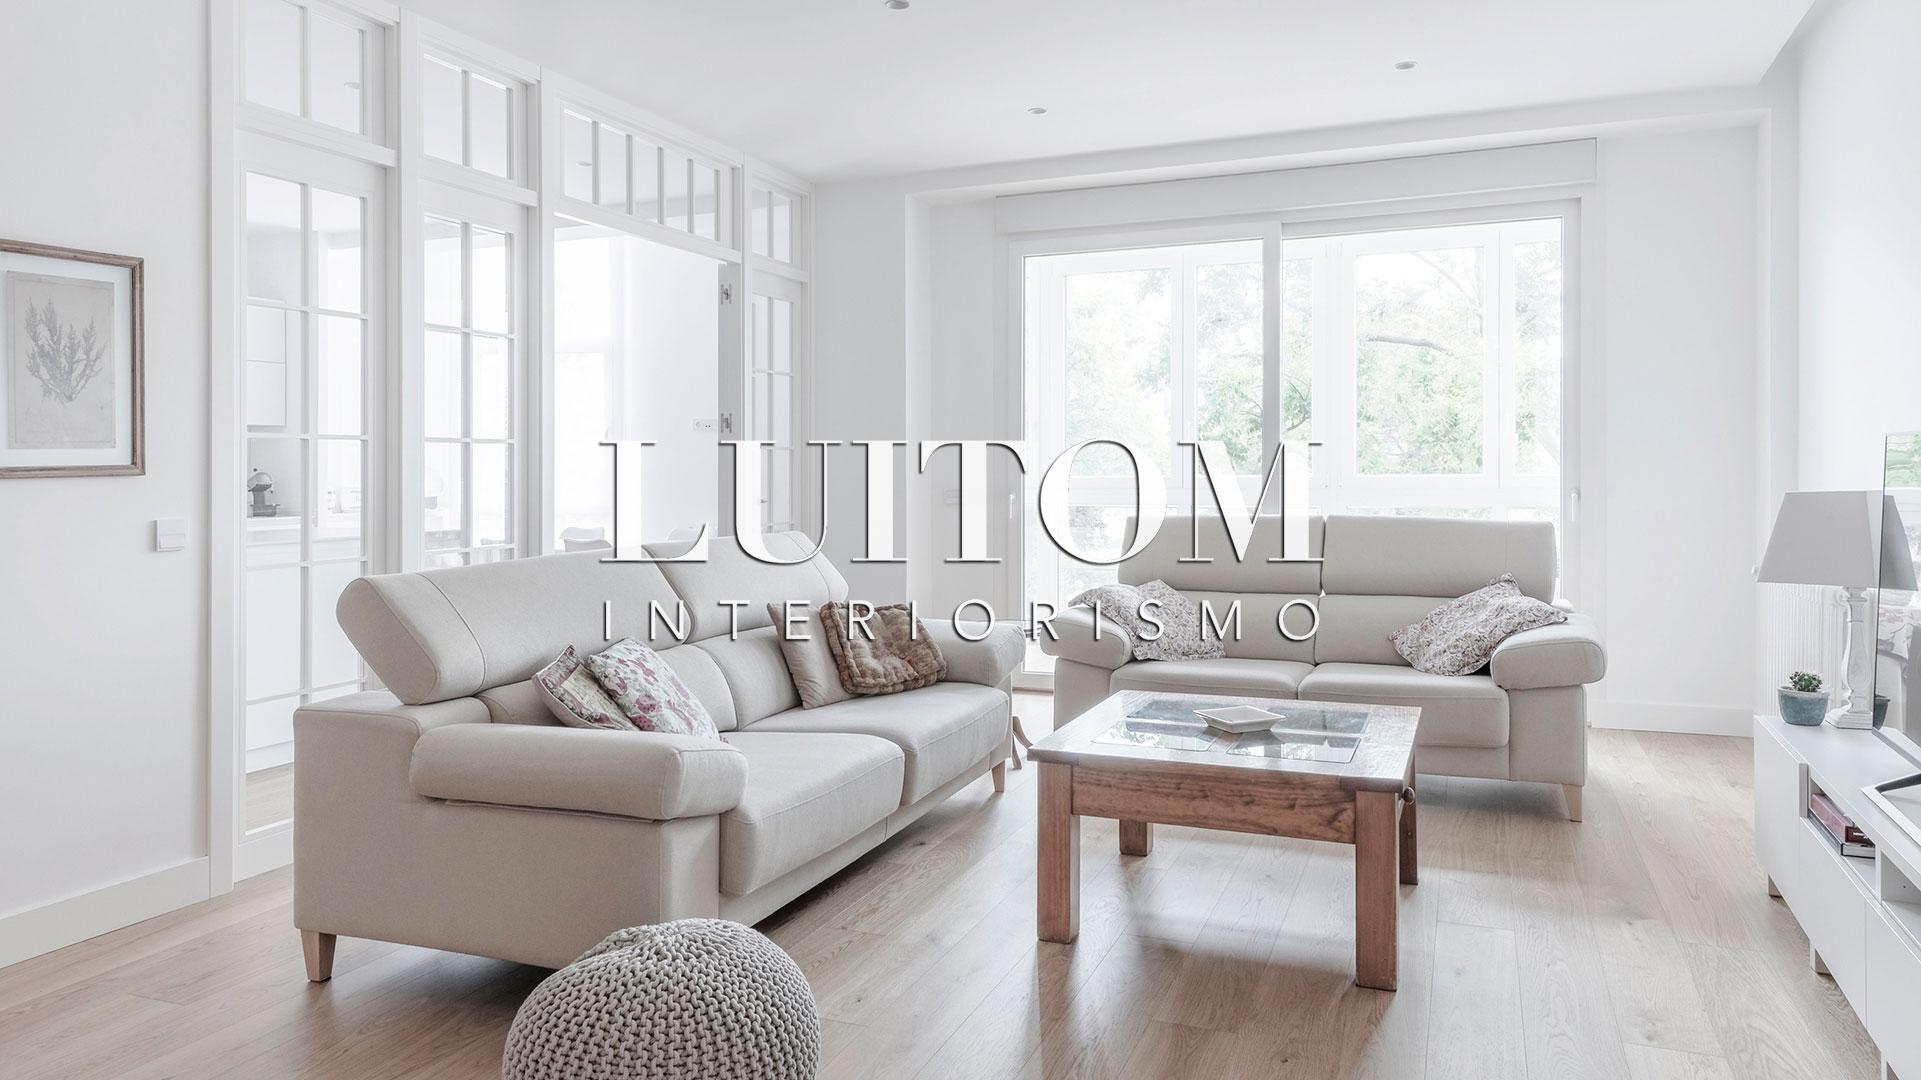 luitom-interiorismo-ideas-proyectos-reformas-casas-modernas-lujo-interioristas-madrid-decoracion-interior-home-design-03